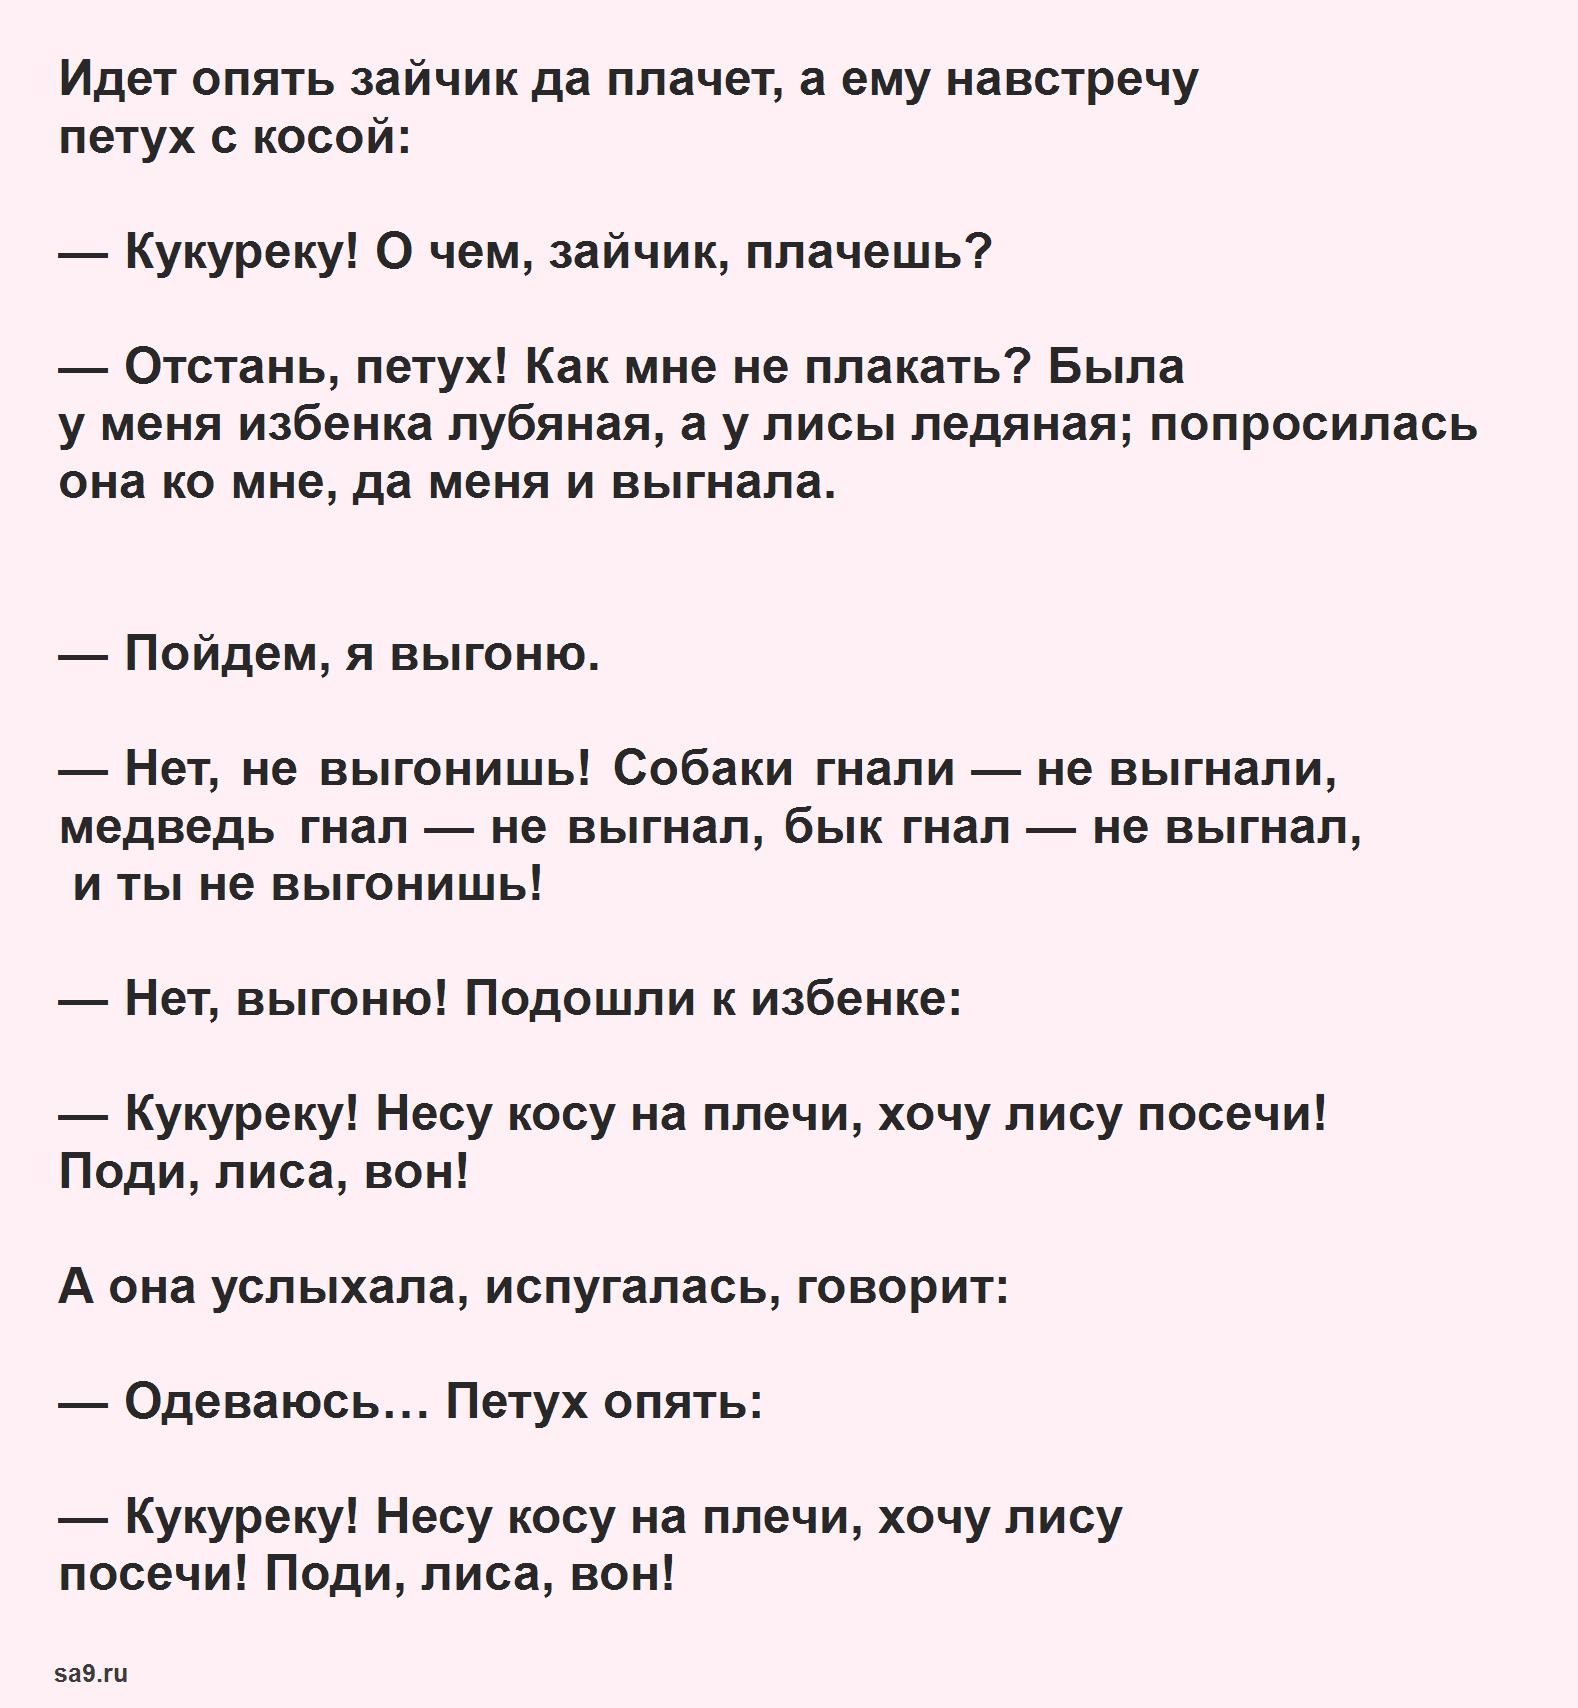 Лиса, заяц и петух - русская народная сказка, читать полностью